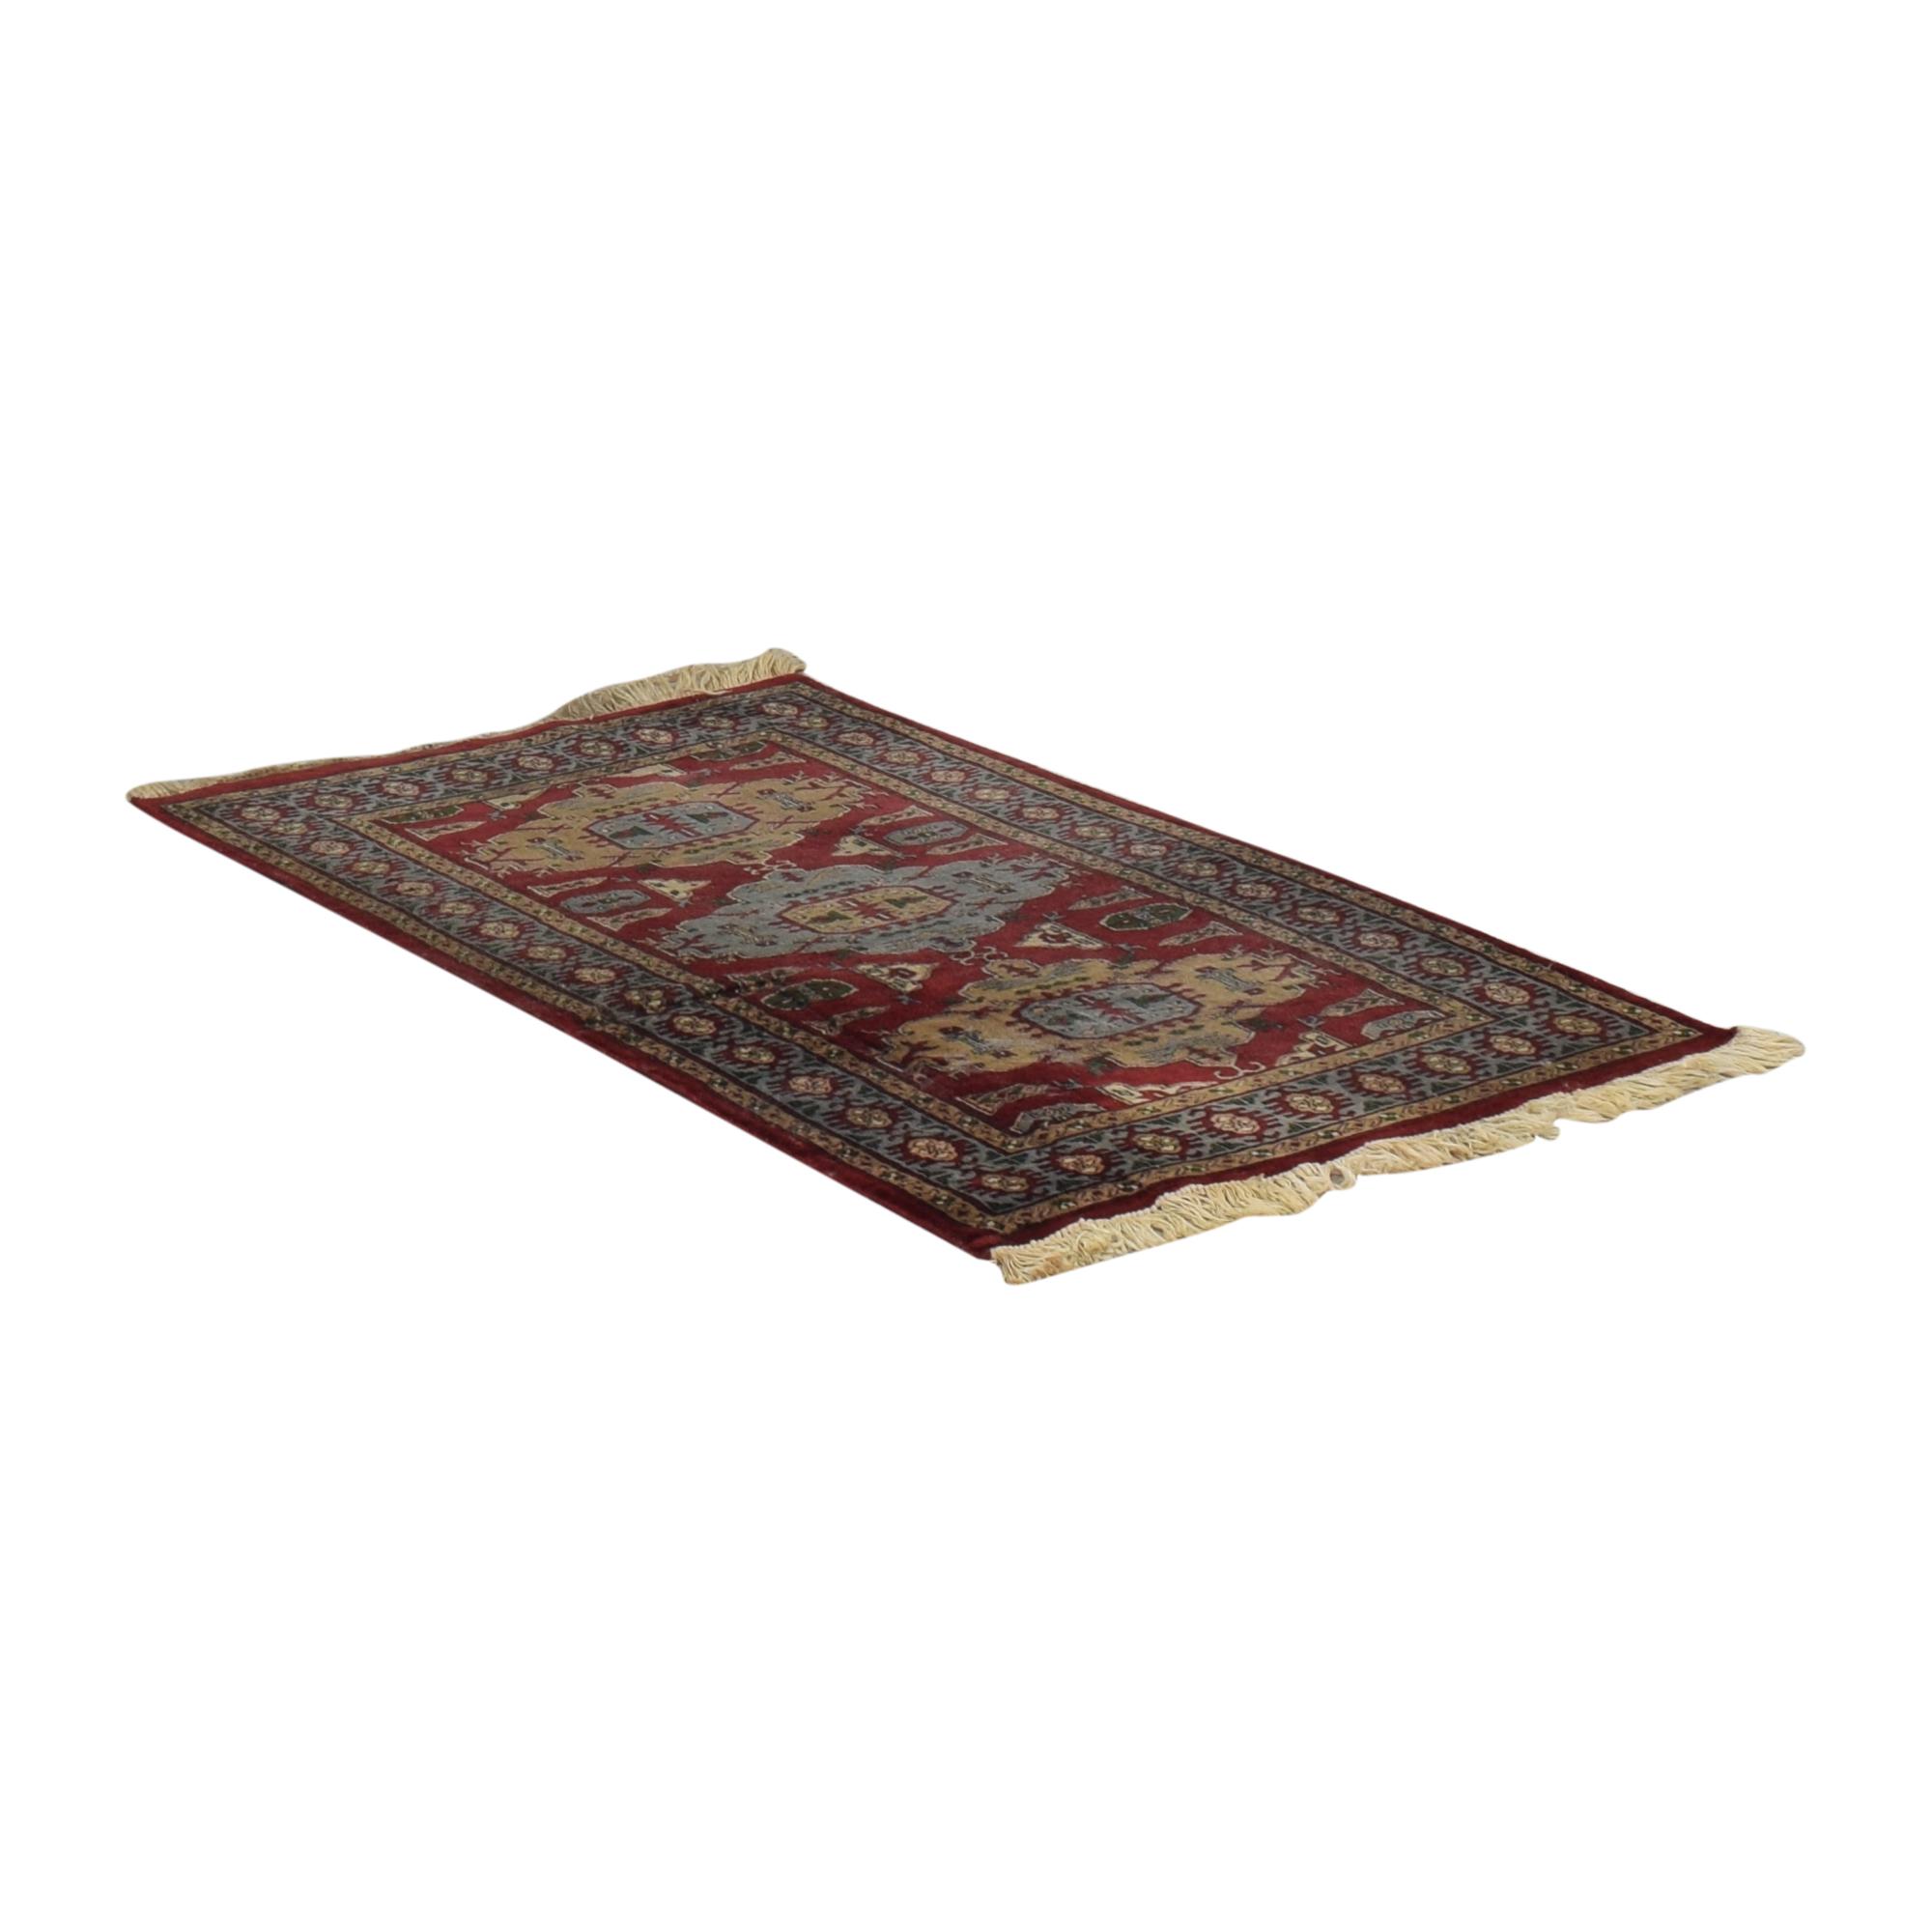 Vintage Persian Rug Rugs